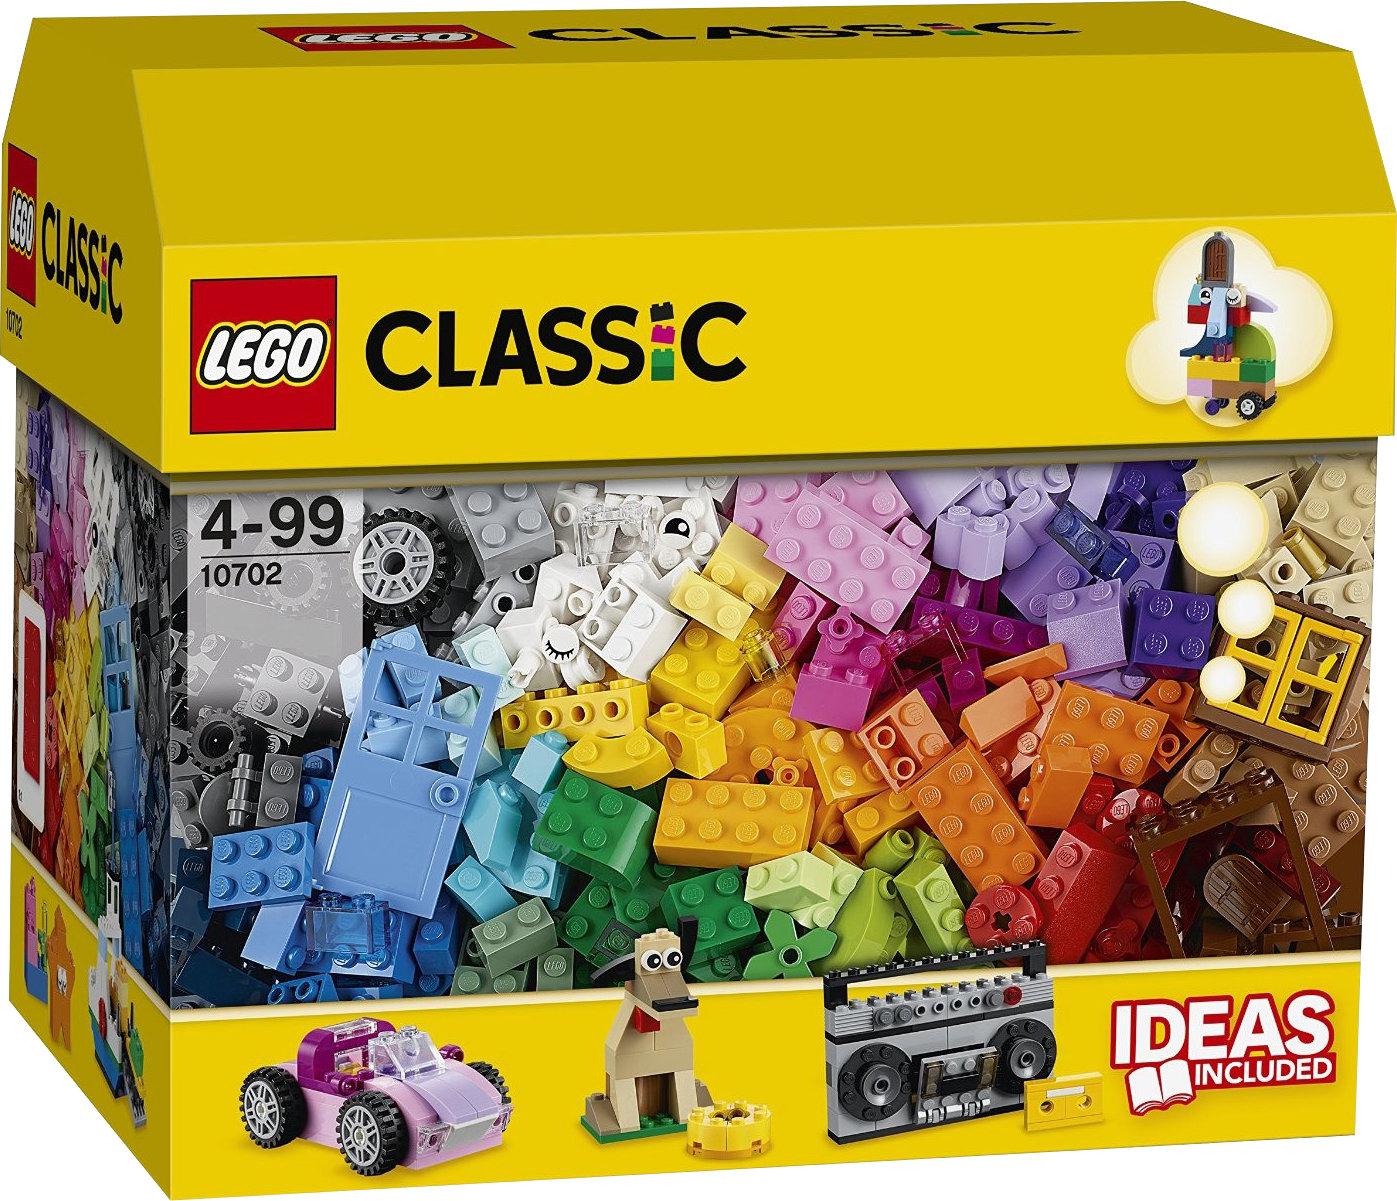 Bundesweit Müller Drogerie  hat Das Lego Classic Kreatives Bauset (10702) im Abverkauf statt 29,99 €  nur noch 14,99 €